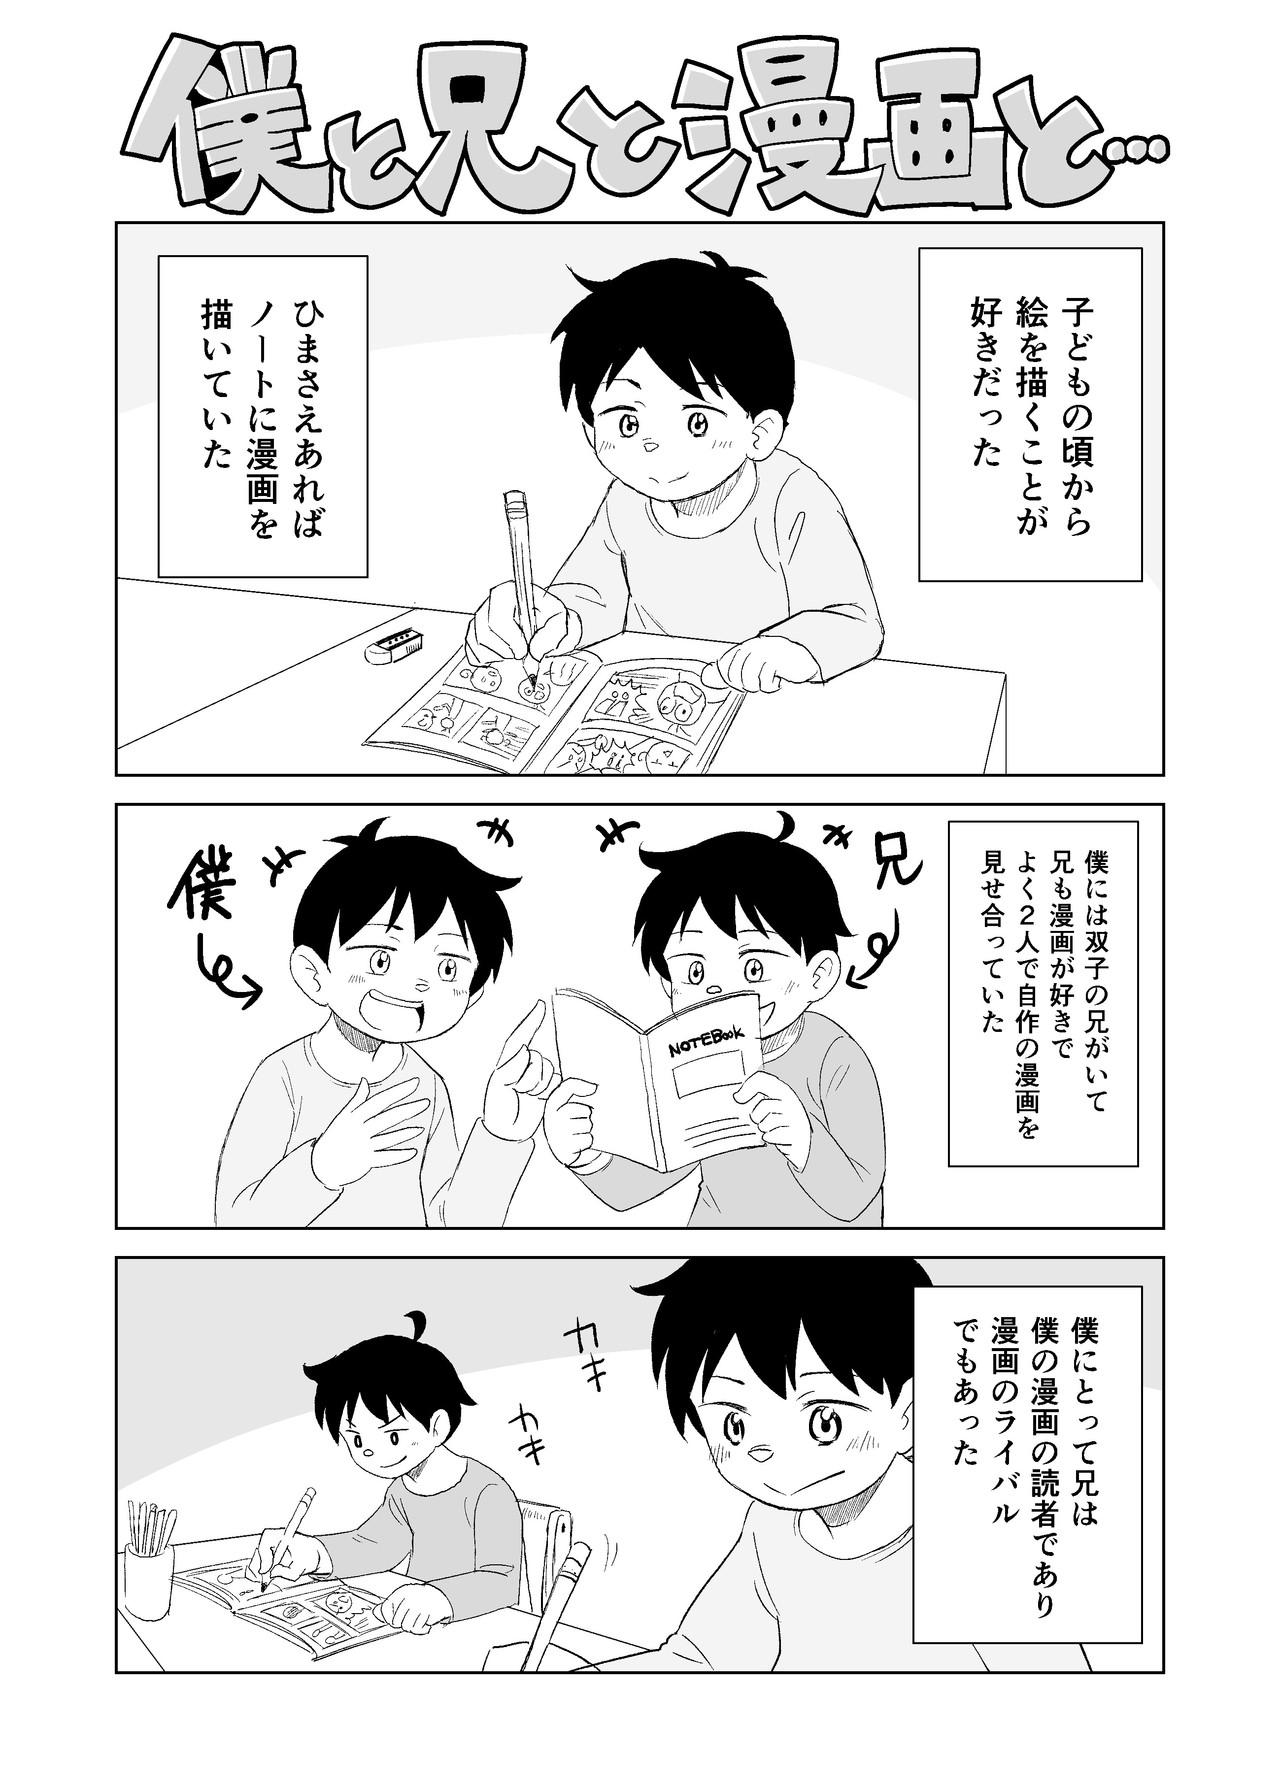 僕と兄と漫画と__001